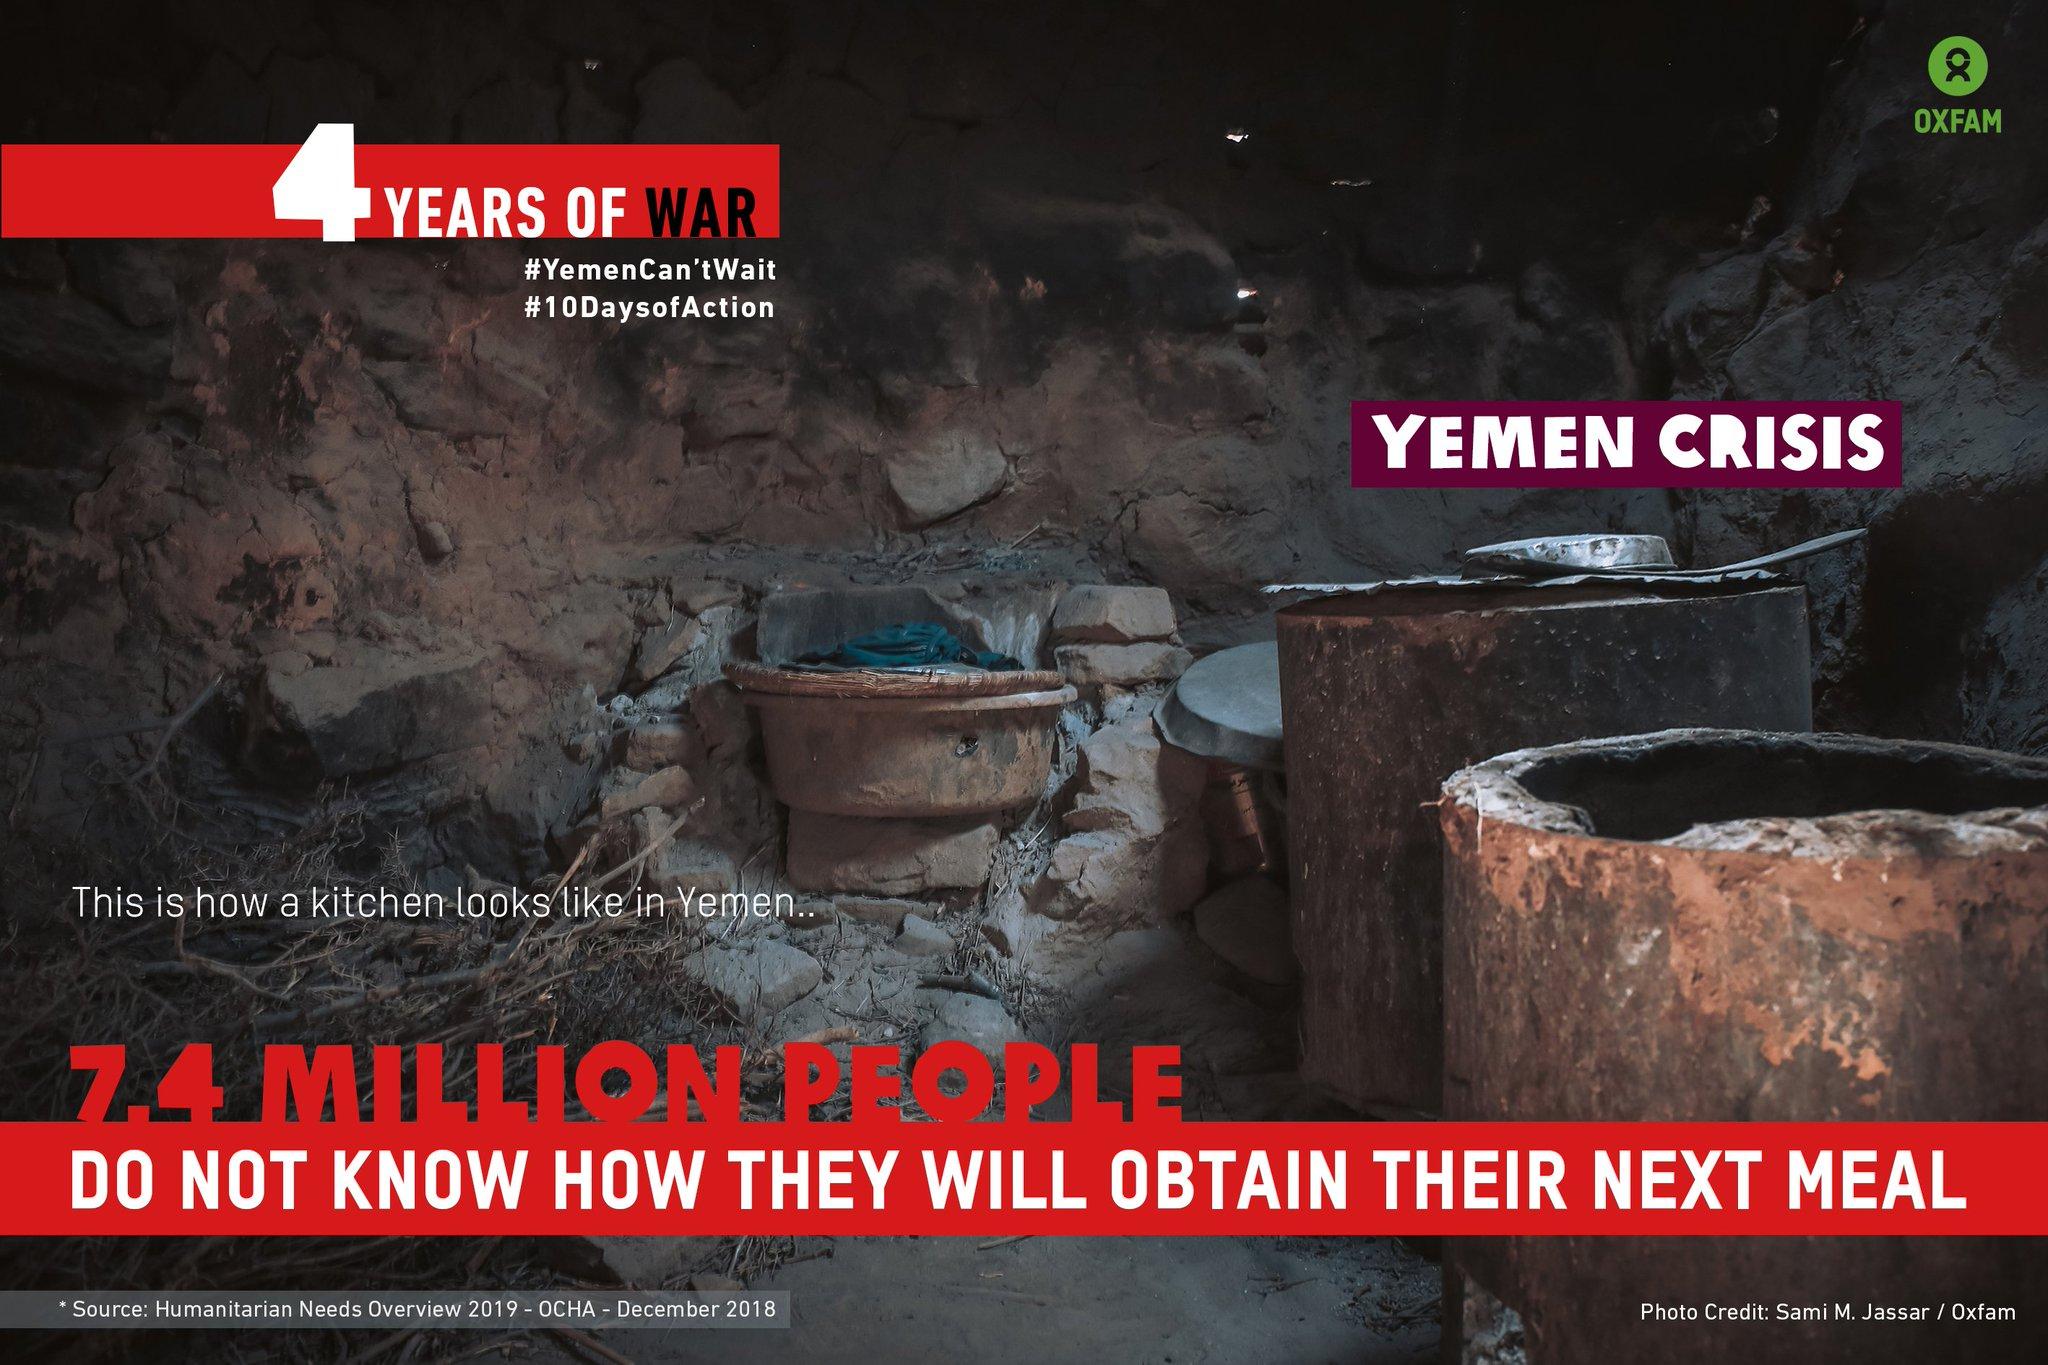 Oxfam Yemen